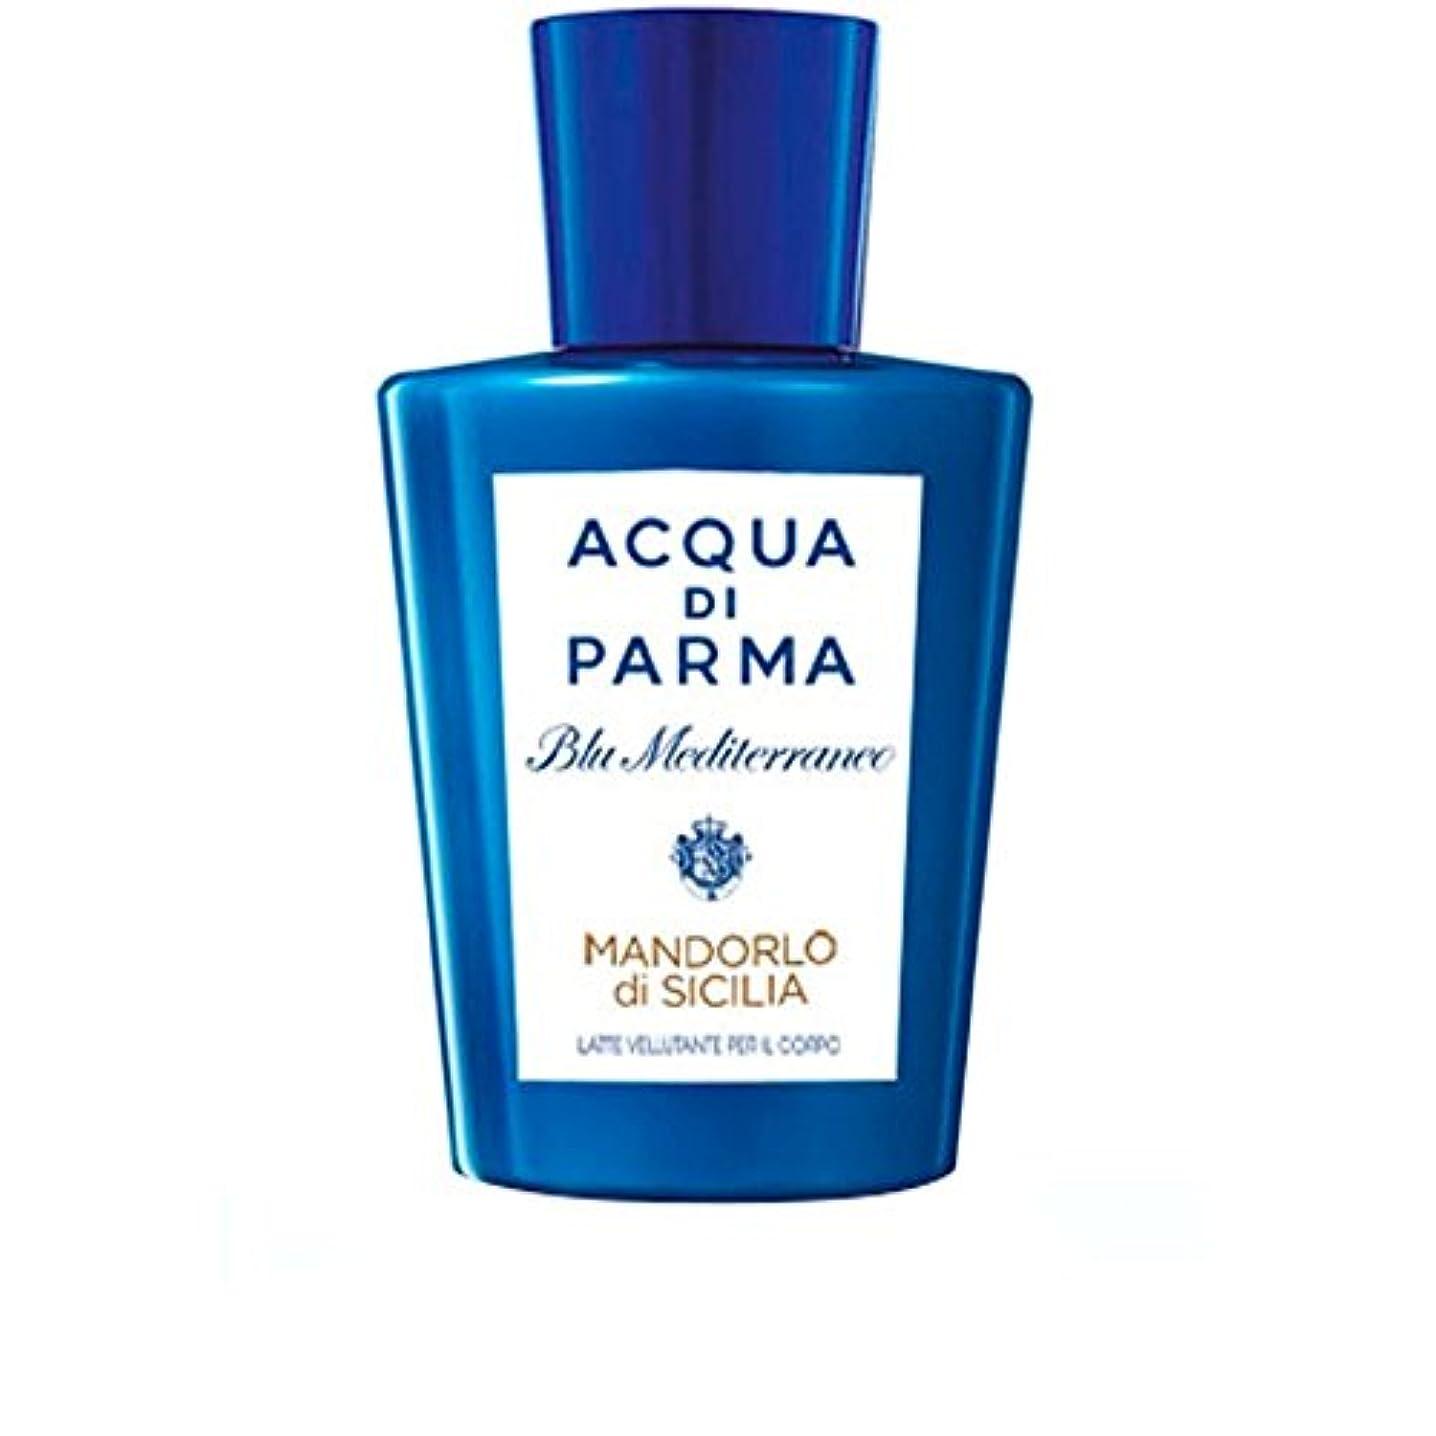 ワイド入射ダブルAcqua Di Parma Mandorlo Di Sicilia Pampering Body Lotion 200ml (Pack of 6) - アクアディパルママンドルロ?ディ?シチリア至福のボディローション200...